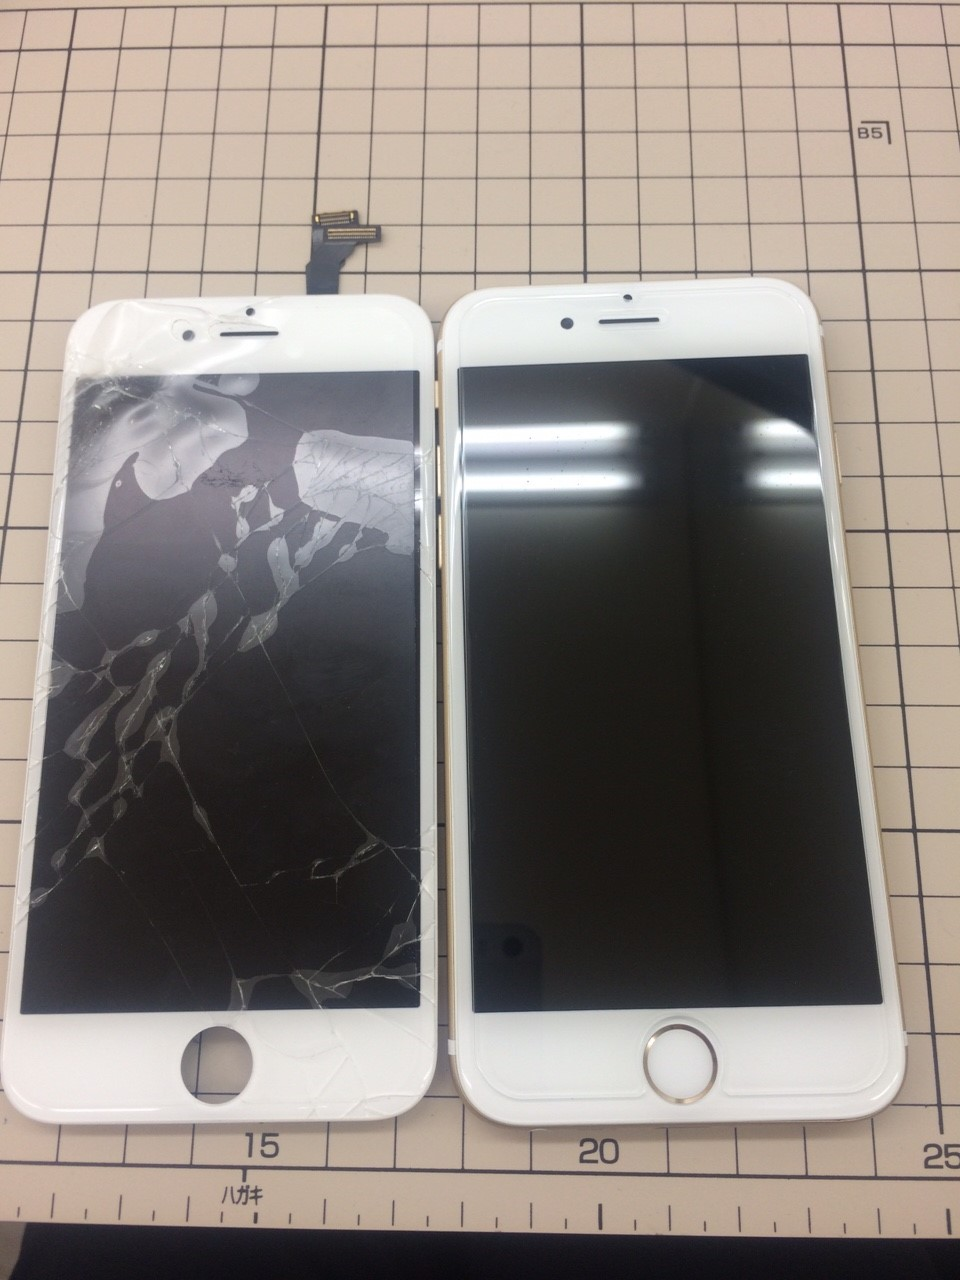 アイフォン修理 池袋